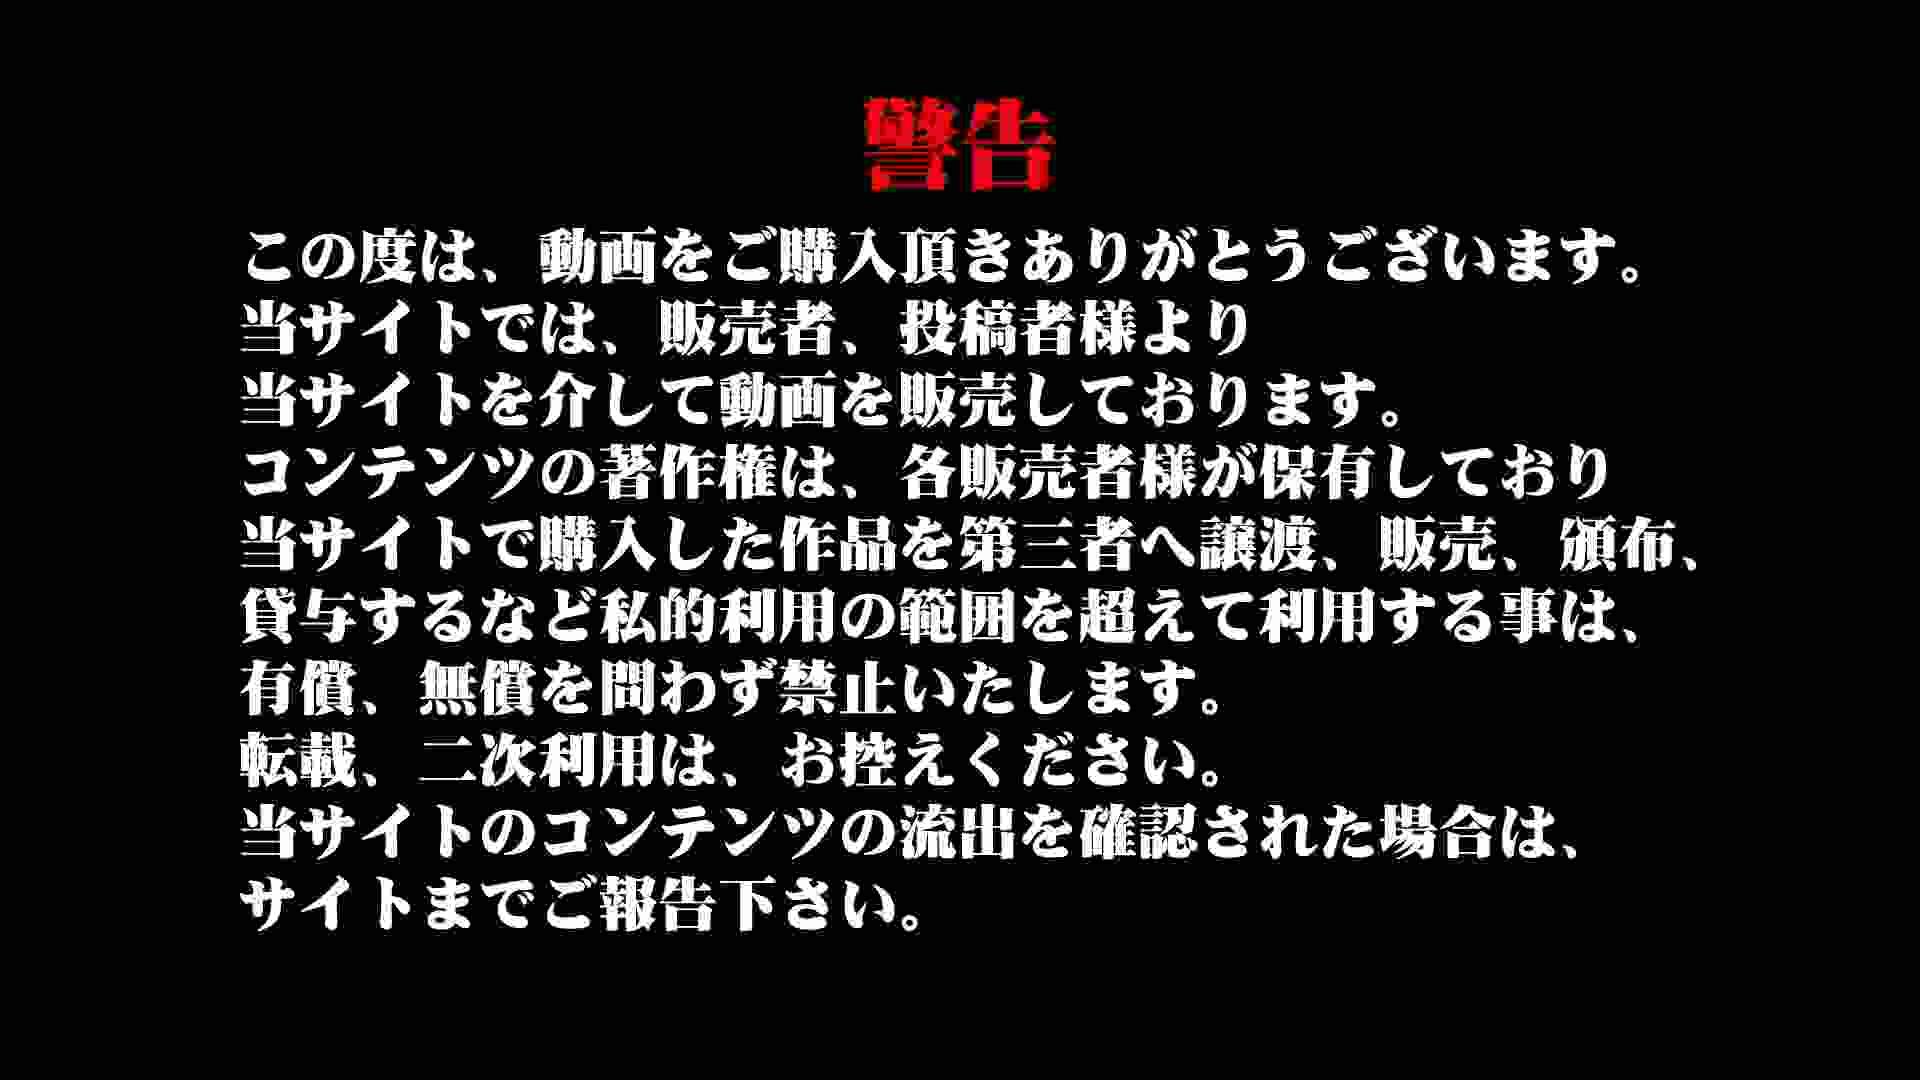 ヒトニアラヅNo.02 姿と全体の流れを公開 ギャル  60PIX 1